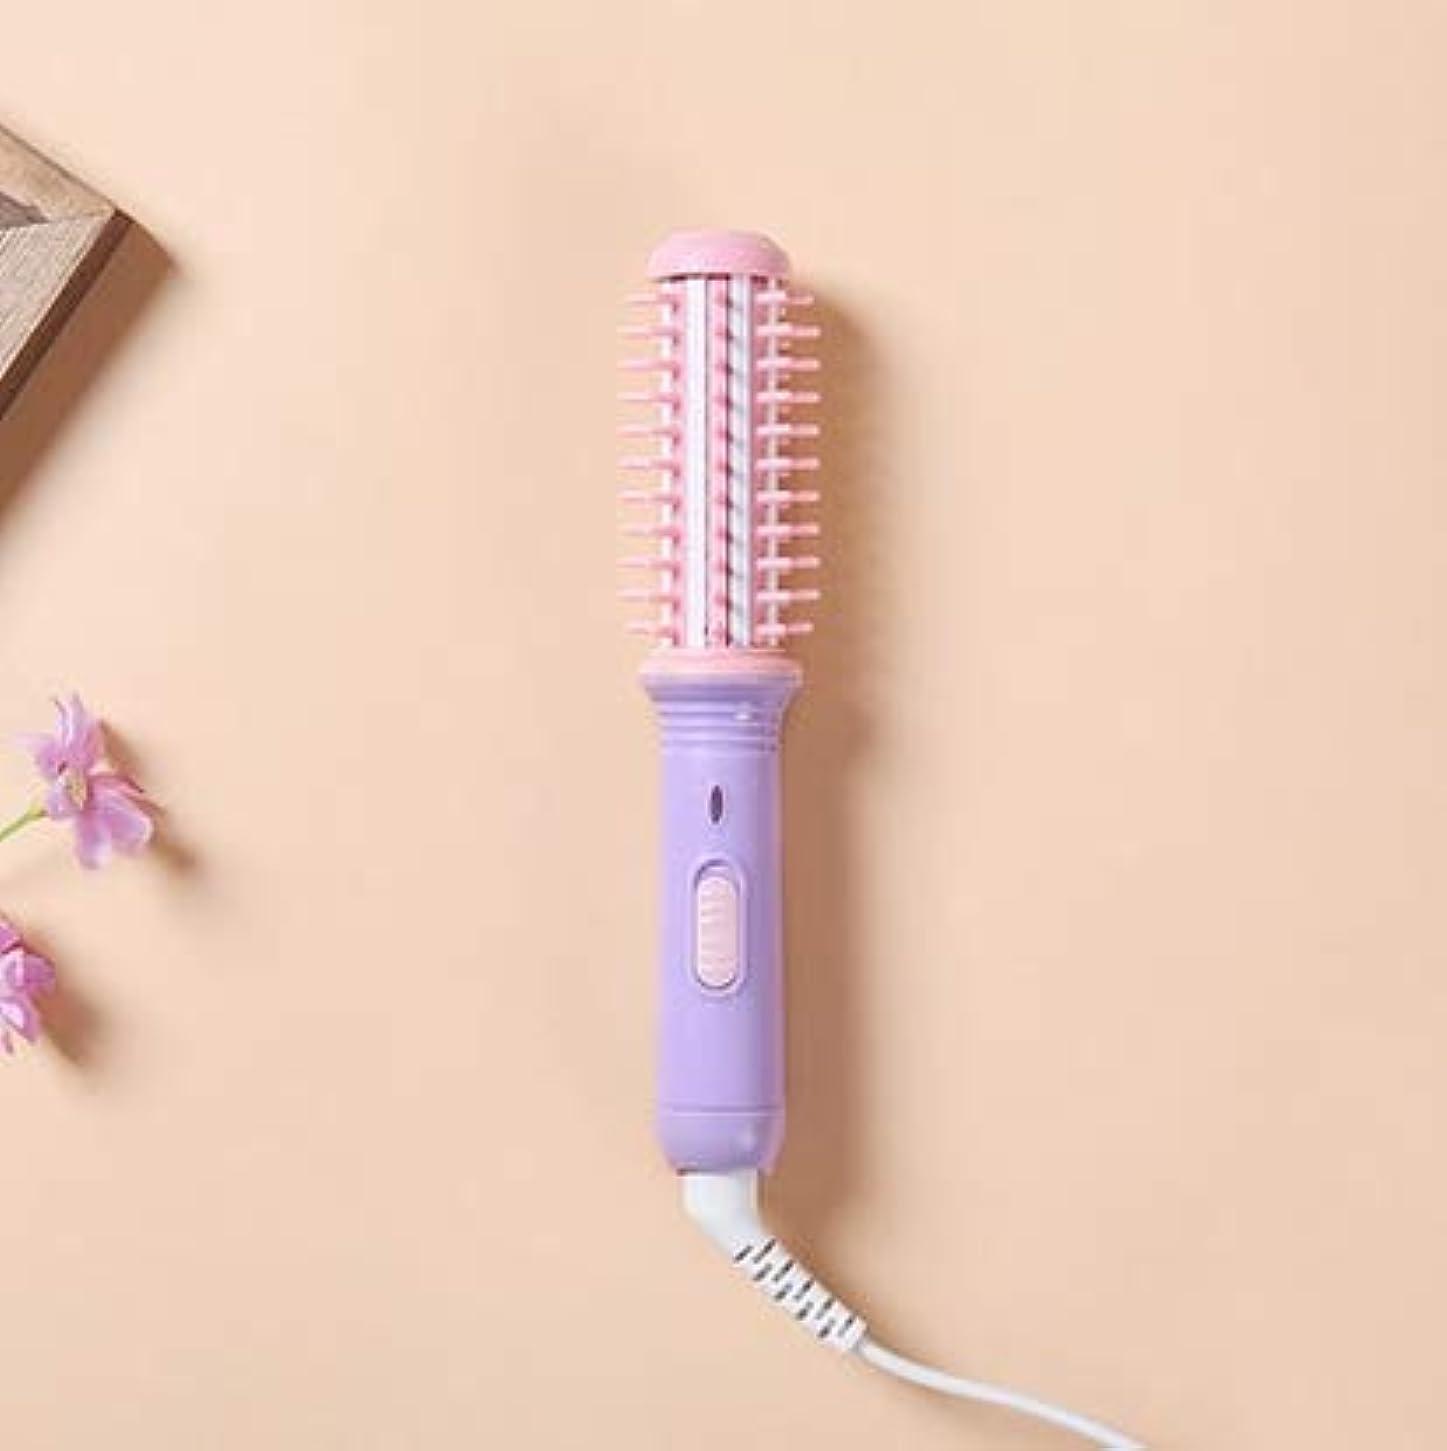 打たれたトラック王族アルプスWTYD 美容ヘアツール 20Wミニ矯正カーリングアイロンセットかわいいフラットアイアントラベルヘアツール(ピンクパープル) (色 : Pink purple)